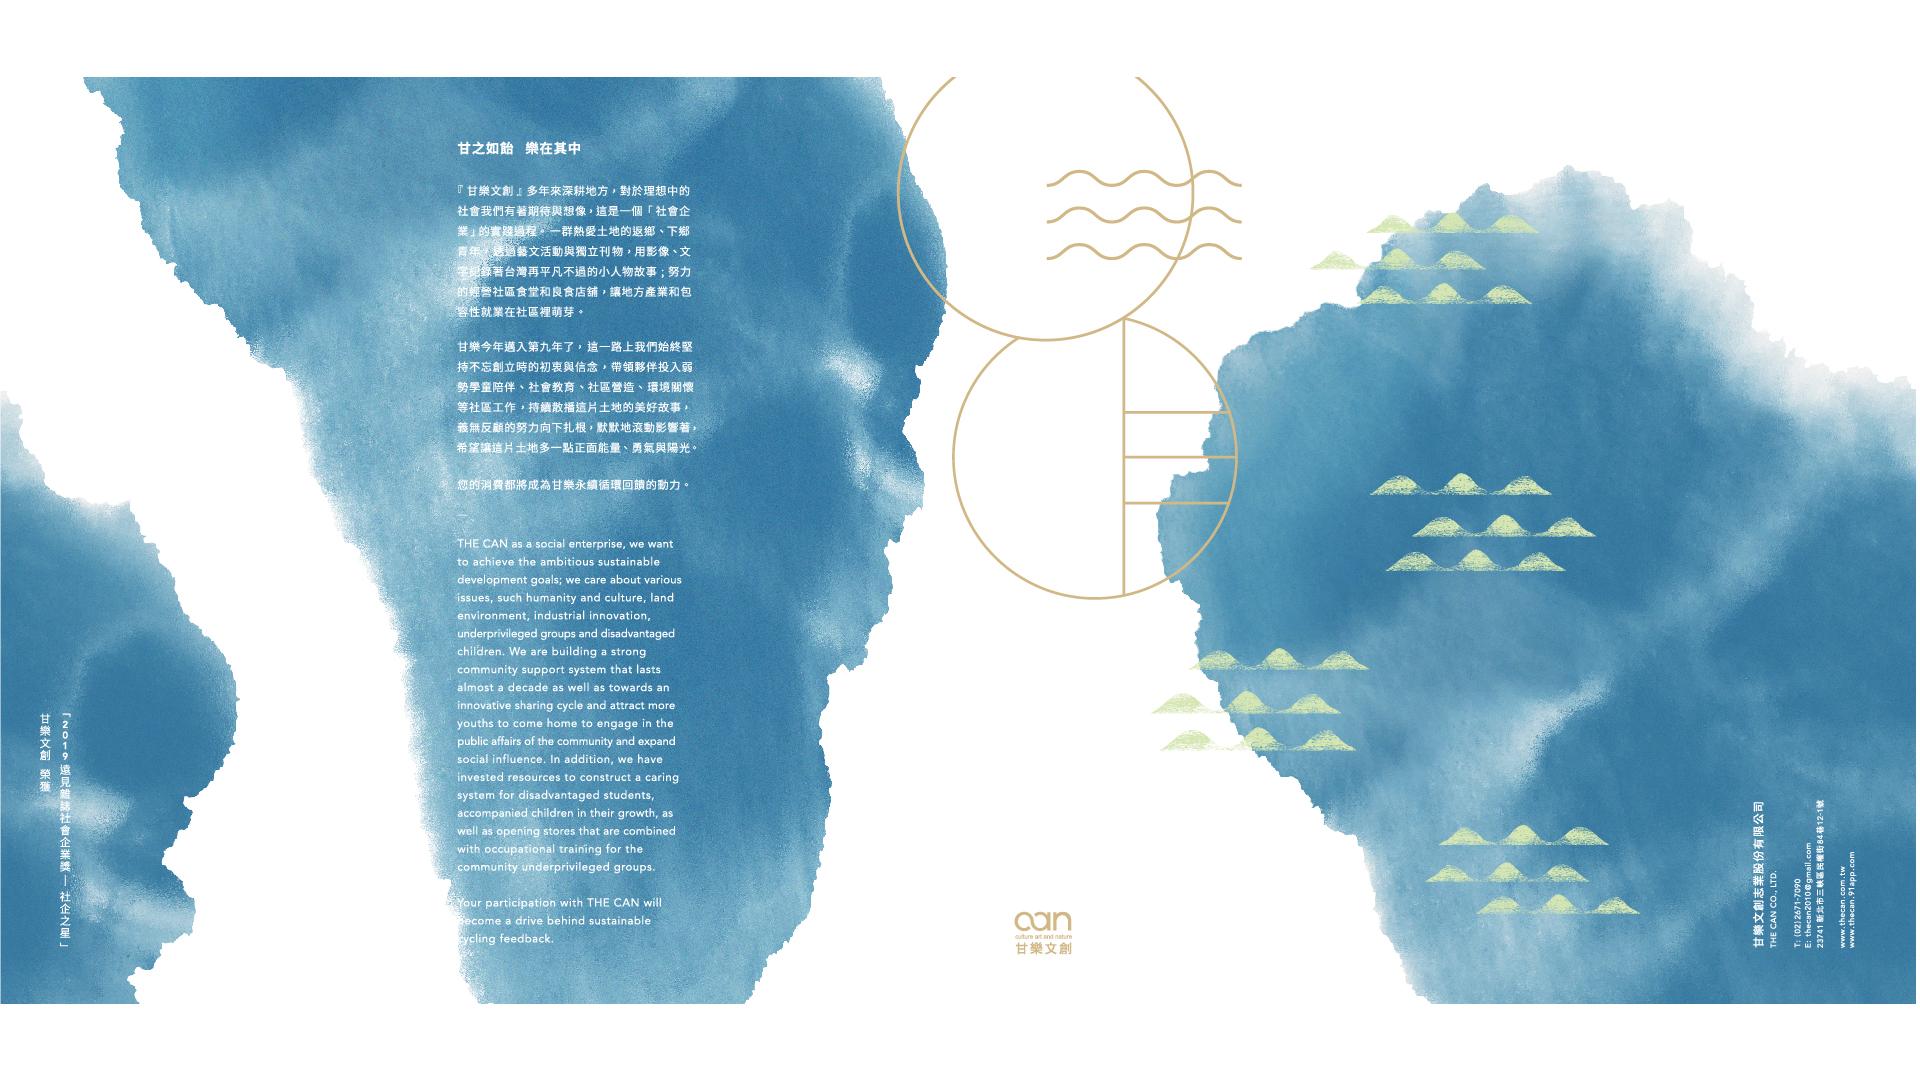 以三峽山水與藍染意象為視覺元素主體,並以燙金的幾何圖像化文字做點綴,傳遞一種現代典雅的舒適氛圍。   甘樂文創   甘之如飴,樂在其中